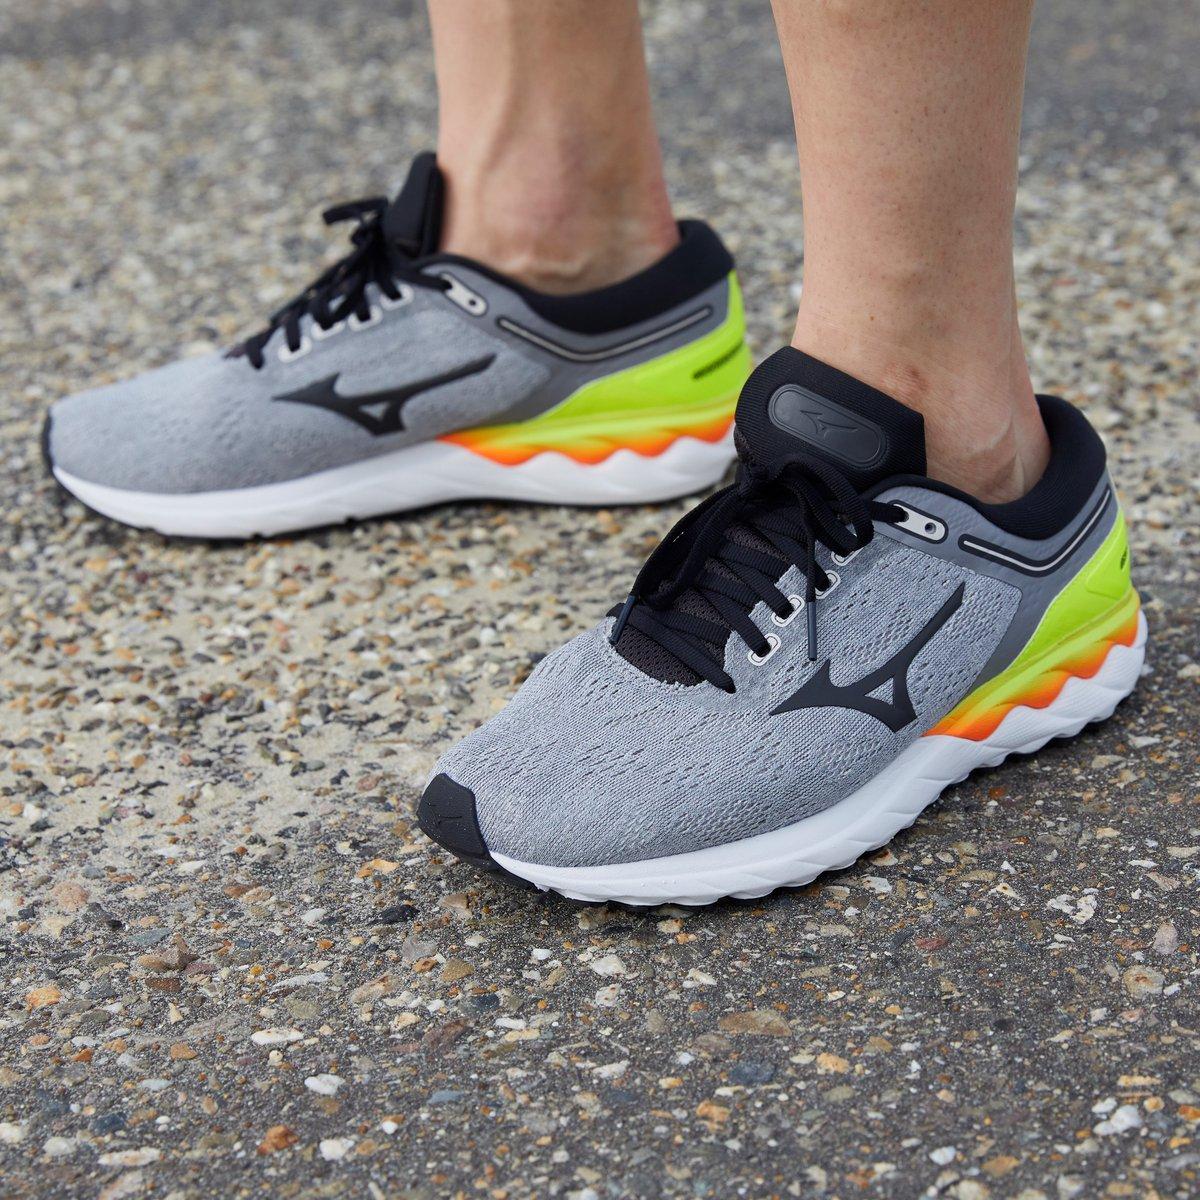 Corre más rápido y durante más tiempo con la nueva Wave Skyrise 🔥 La zapatilla ideal para corredores neutros que buscan máxima comodidad, reactividad y amortiguación incluso en tiradas largas.  #Mizuno #Running #MizunoRunning #WaveSkyrise https://t.co/7pVWnoi70o